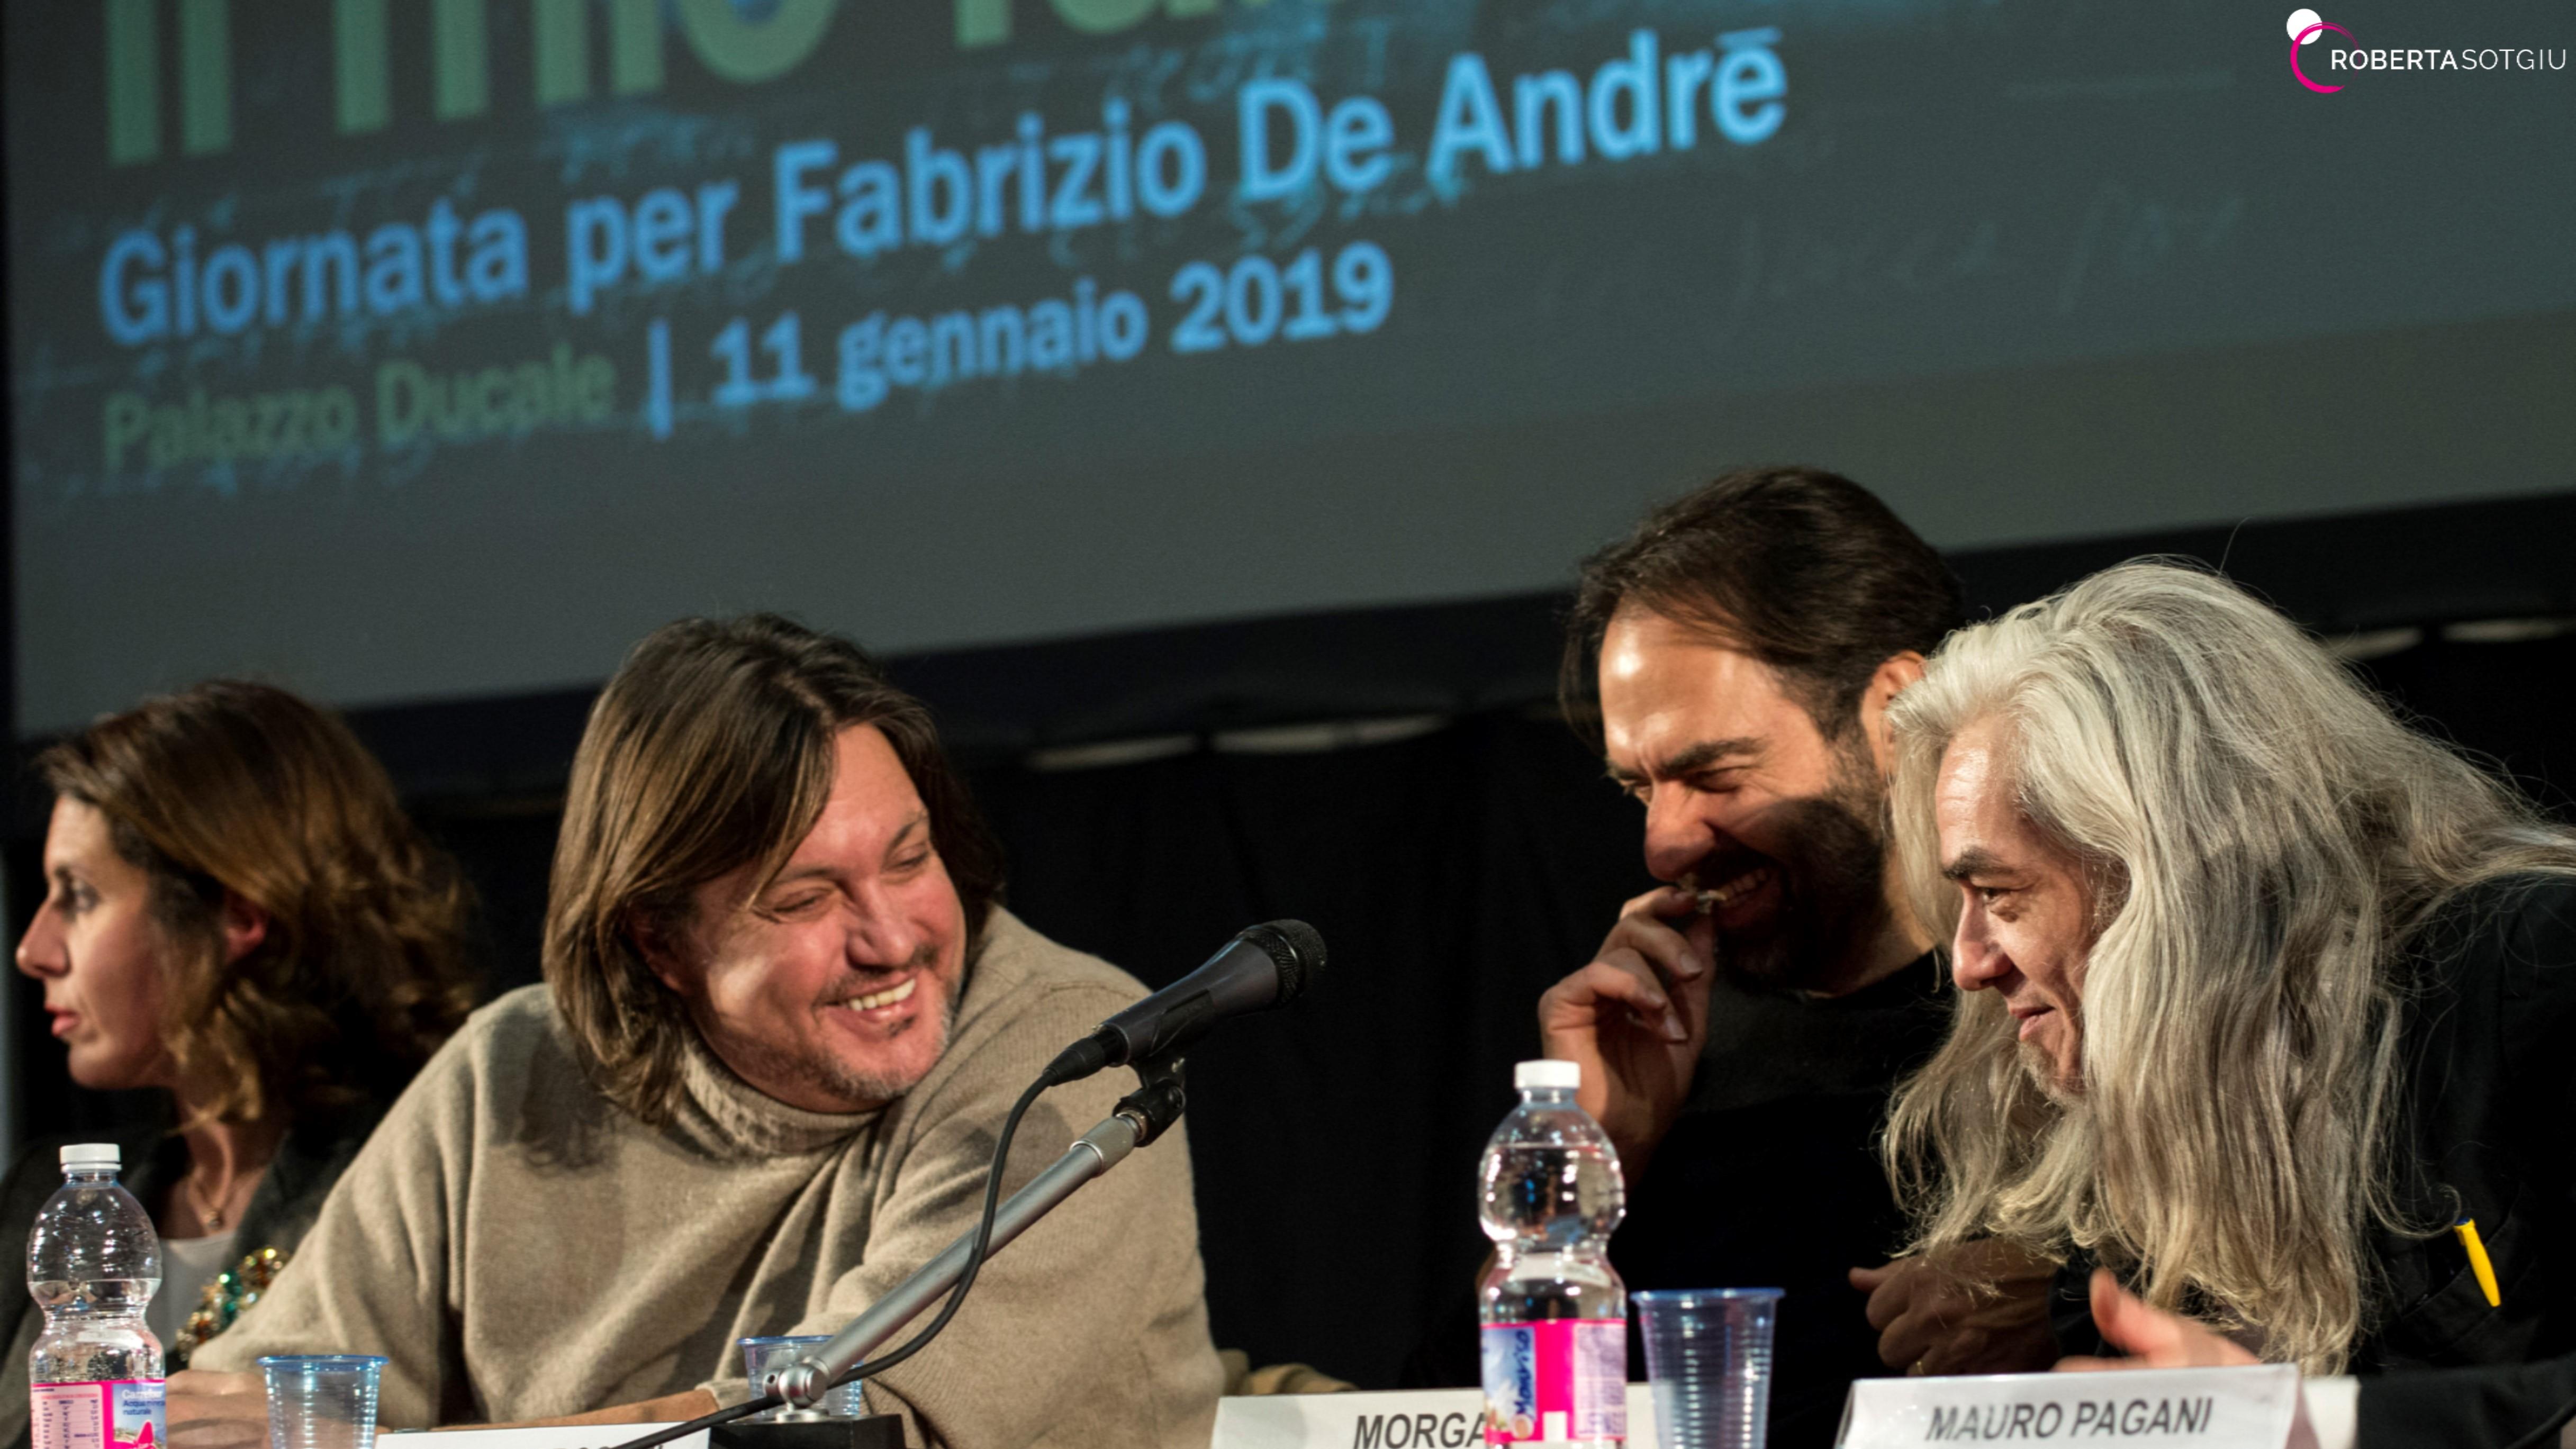 Il mio Fabrizio. Giornata per Fabrizio De André – 11 gennaio 2019 – Palazzo Ducale, Genova